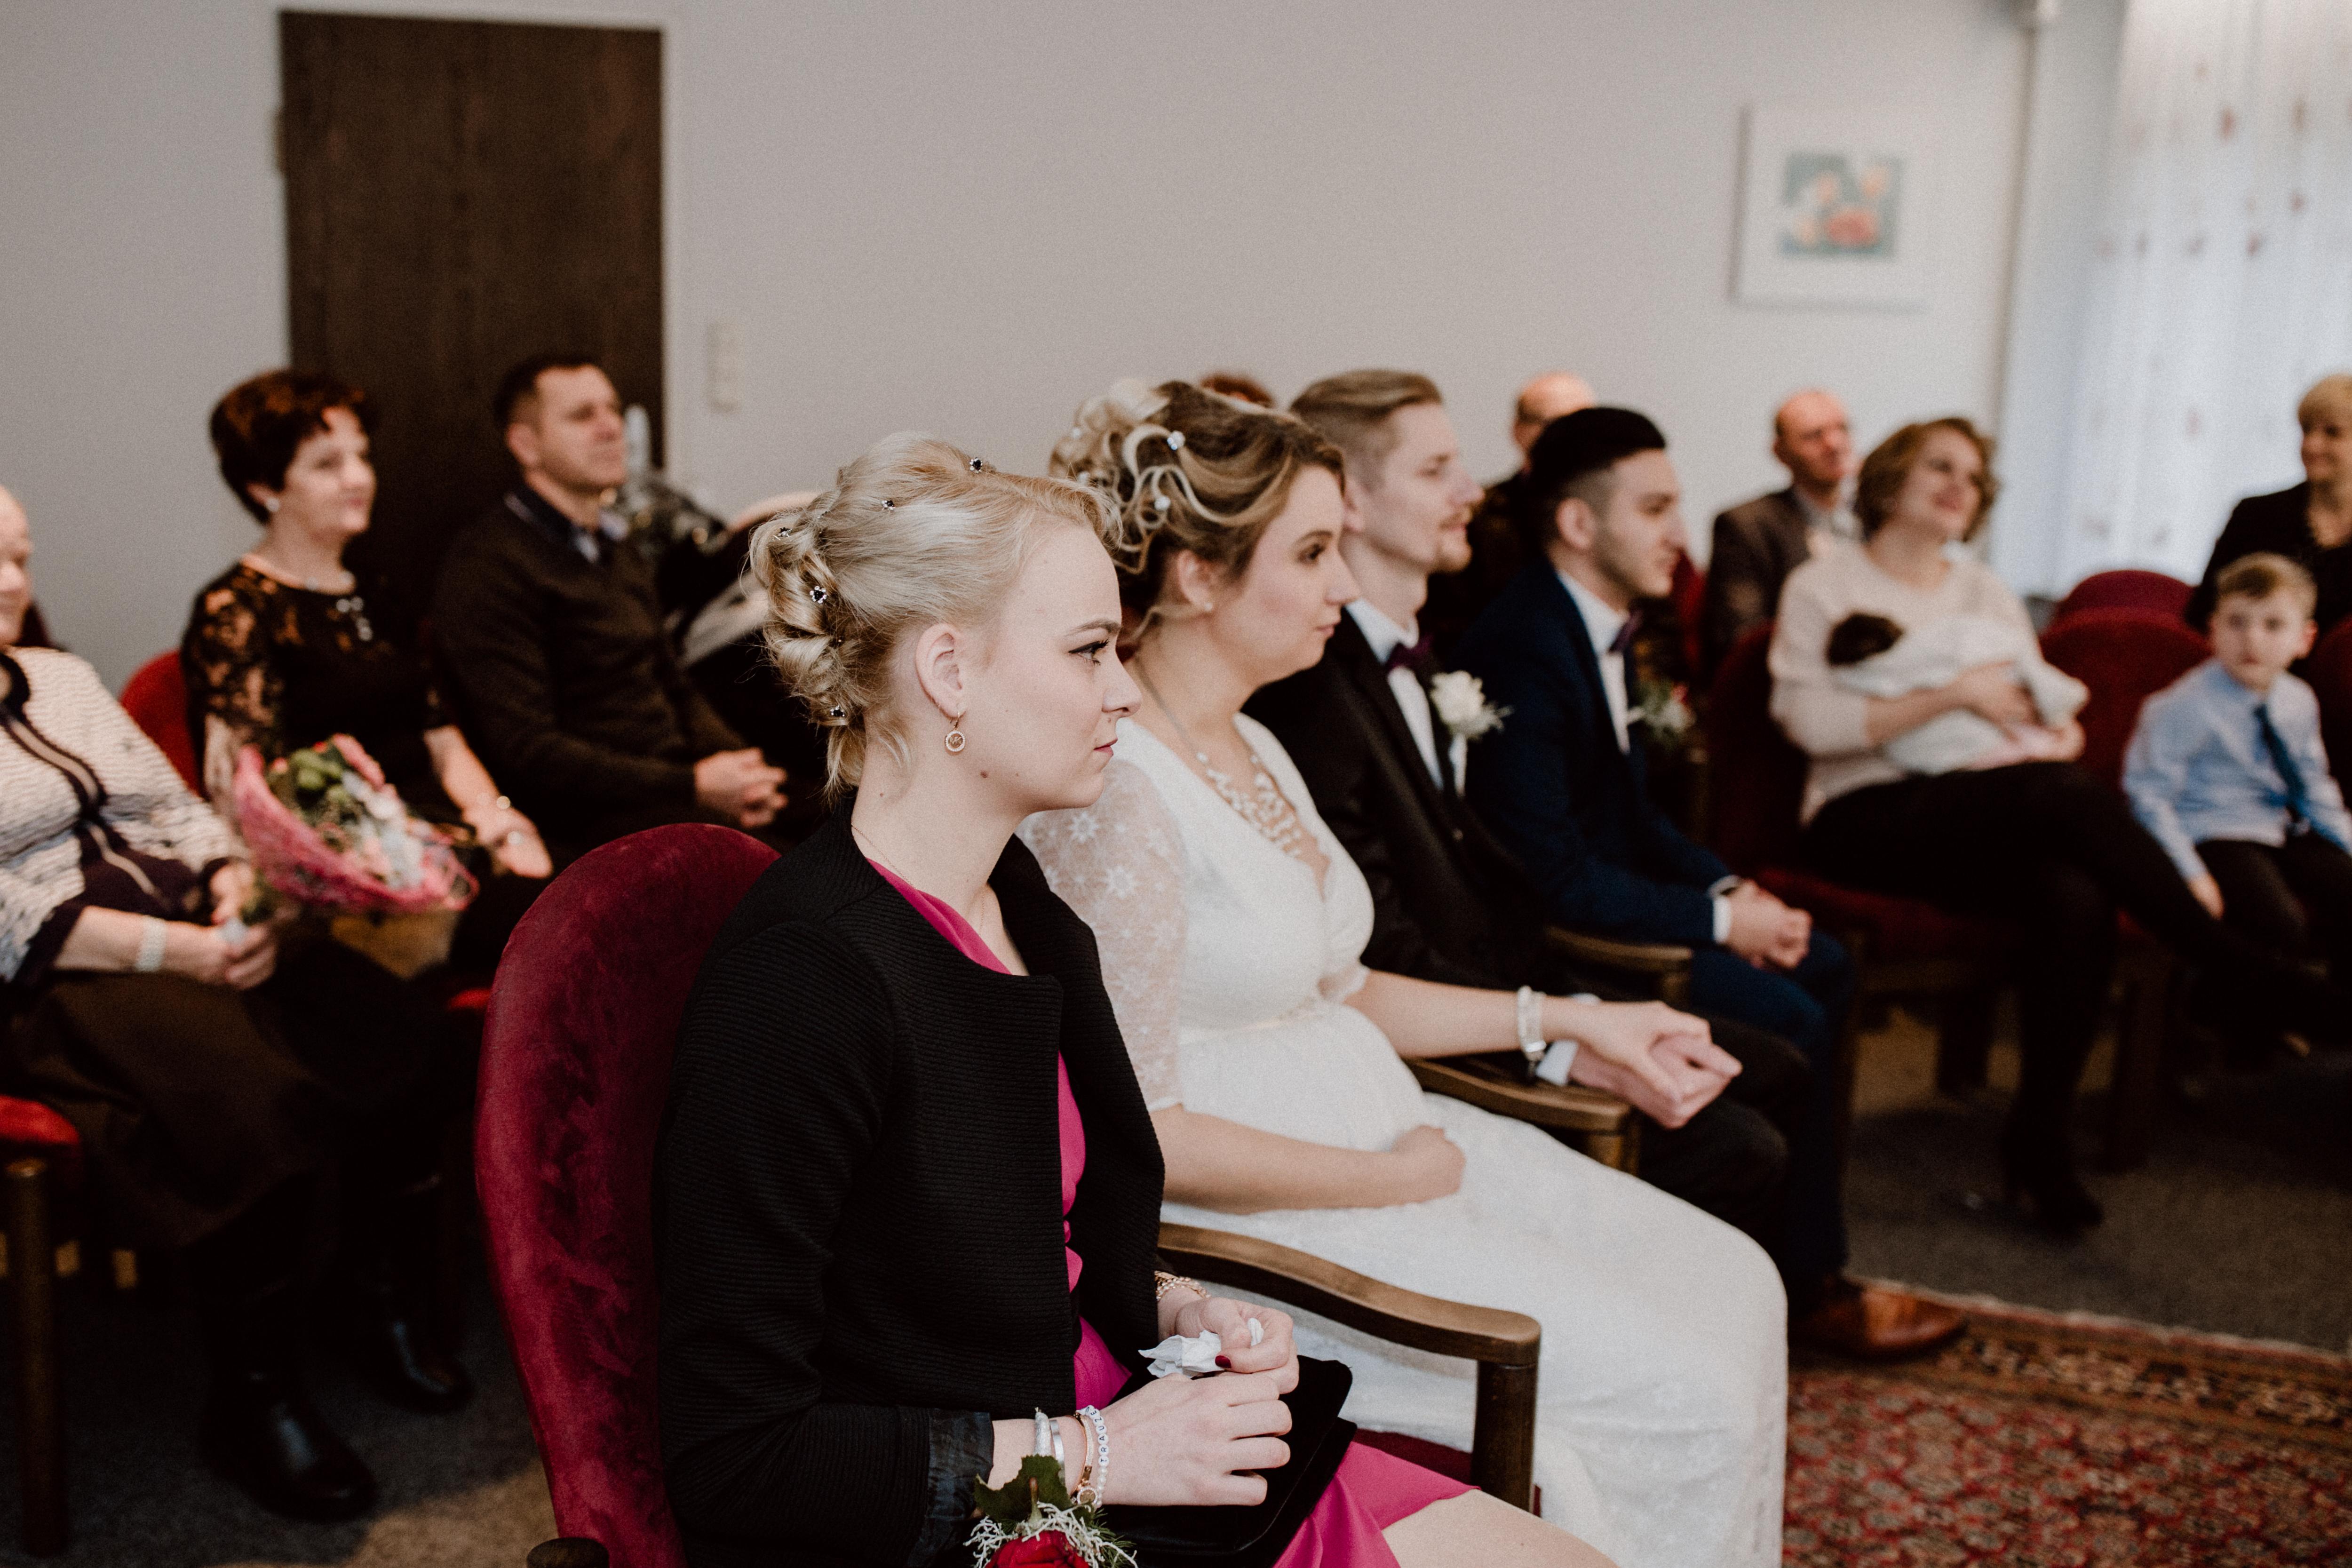 URBANERIE_Daniela_Goth_Hochzeitsfotografin_Nürnberg_Fürth_Erlangen_Schwabach_171110_0104